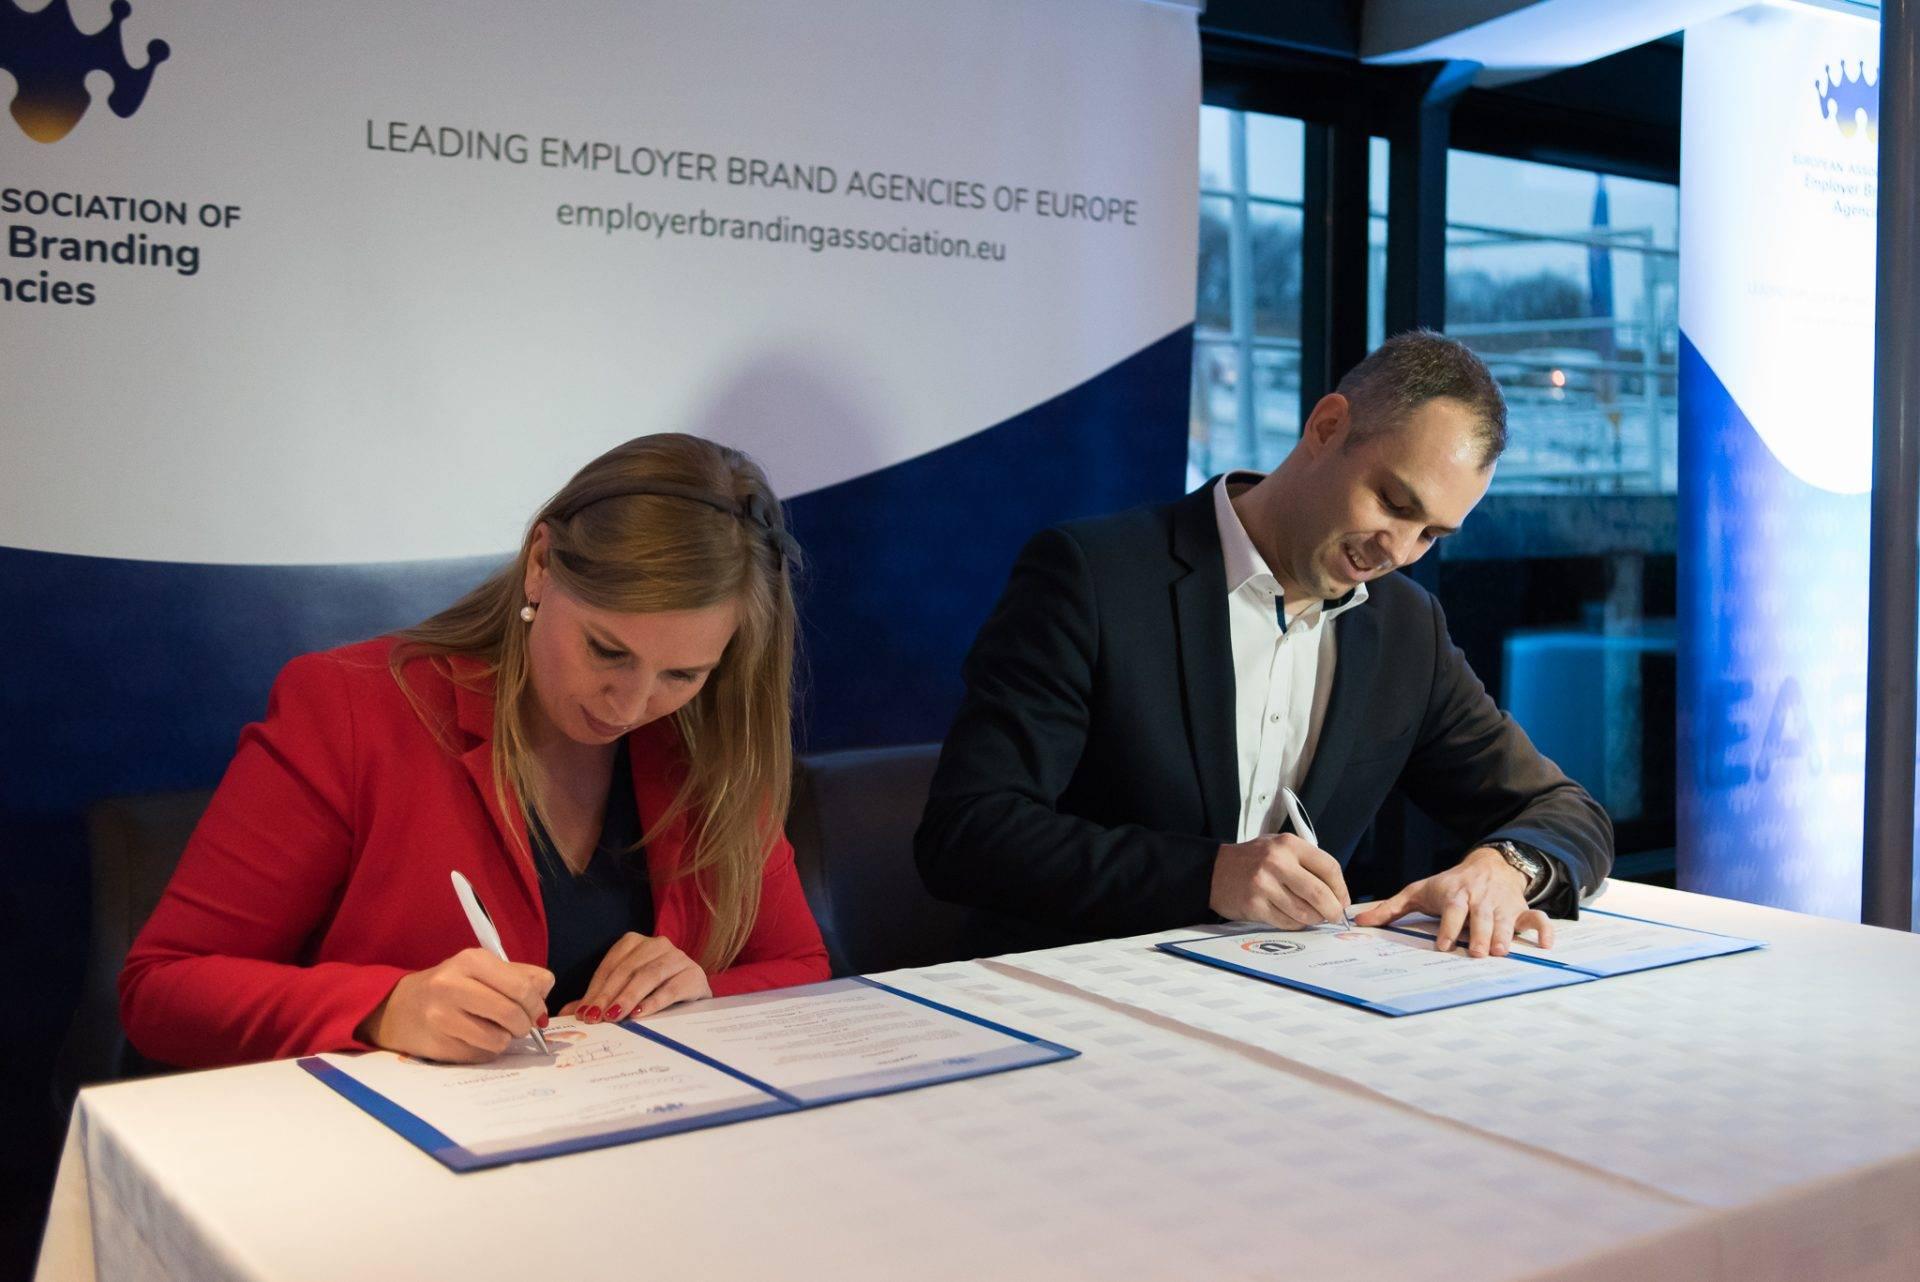 A legjobb employer branding ügynökségeket összefogó szövetség alakult Budapesten